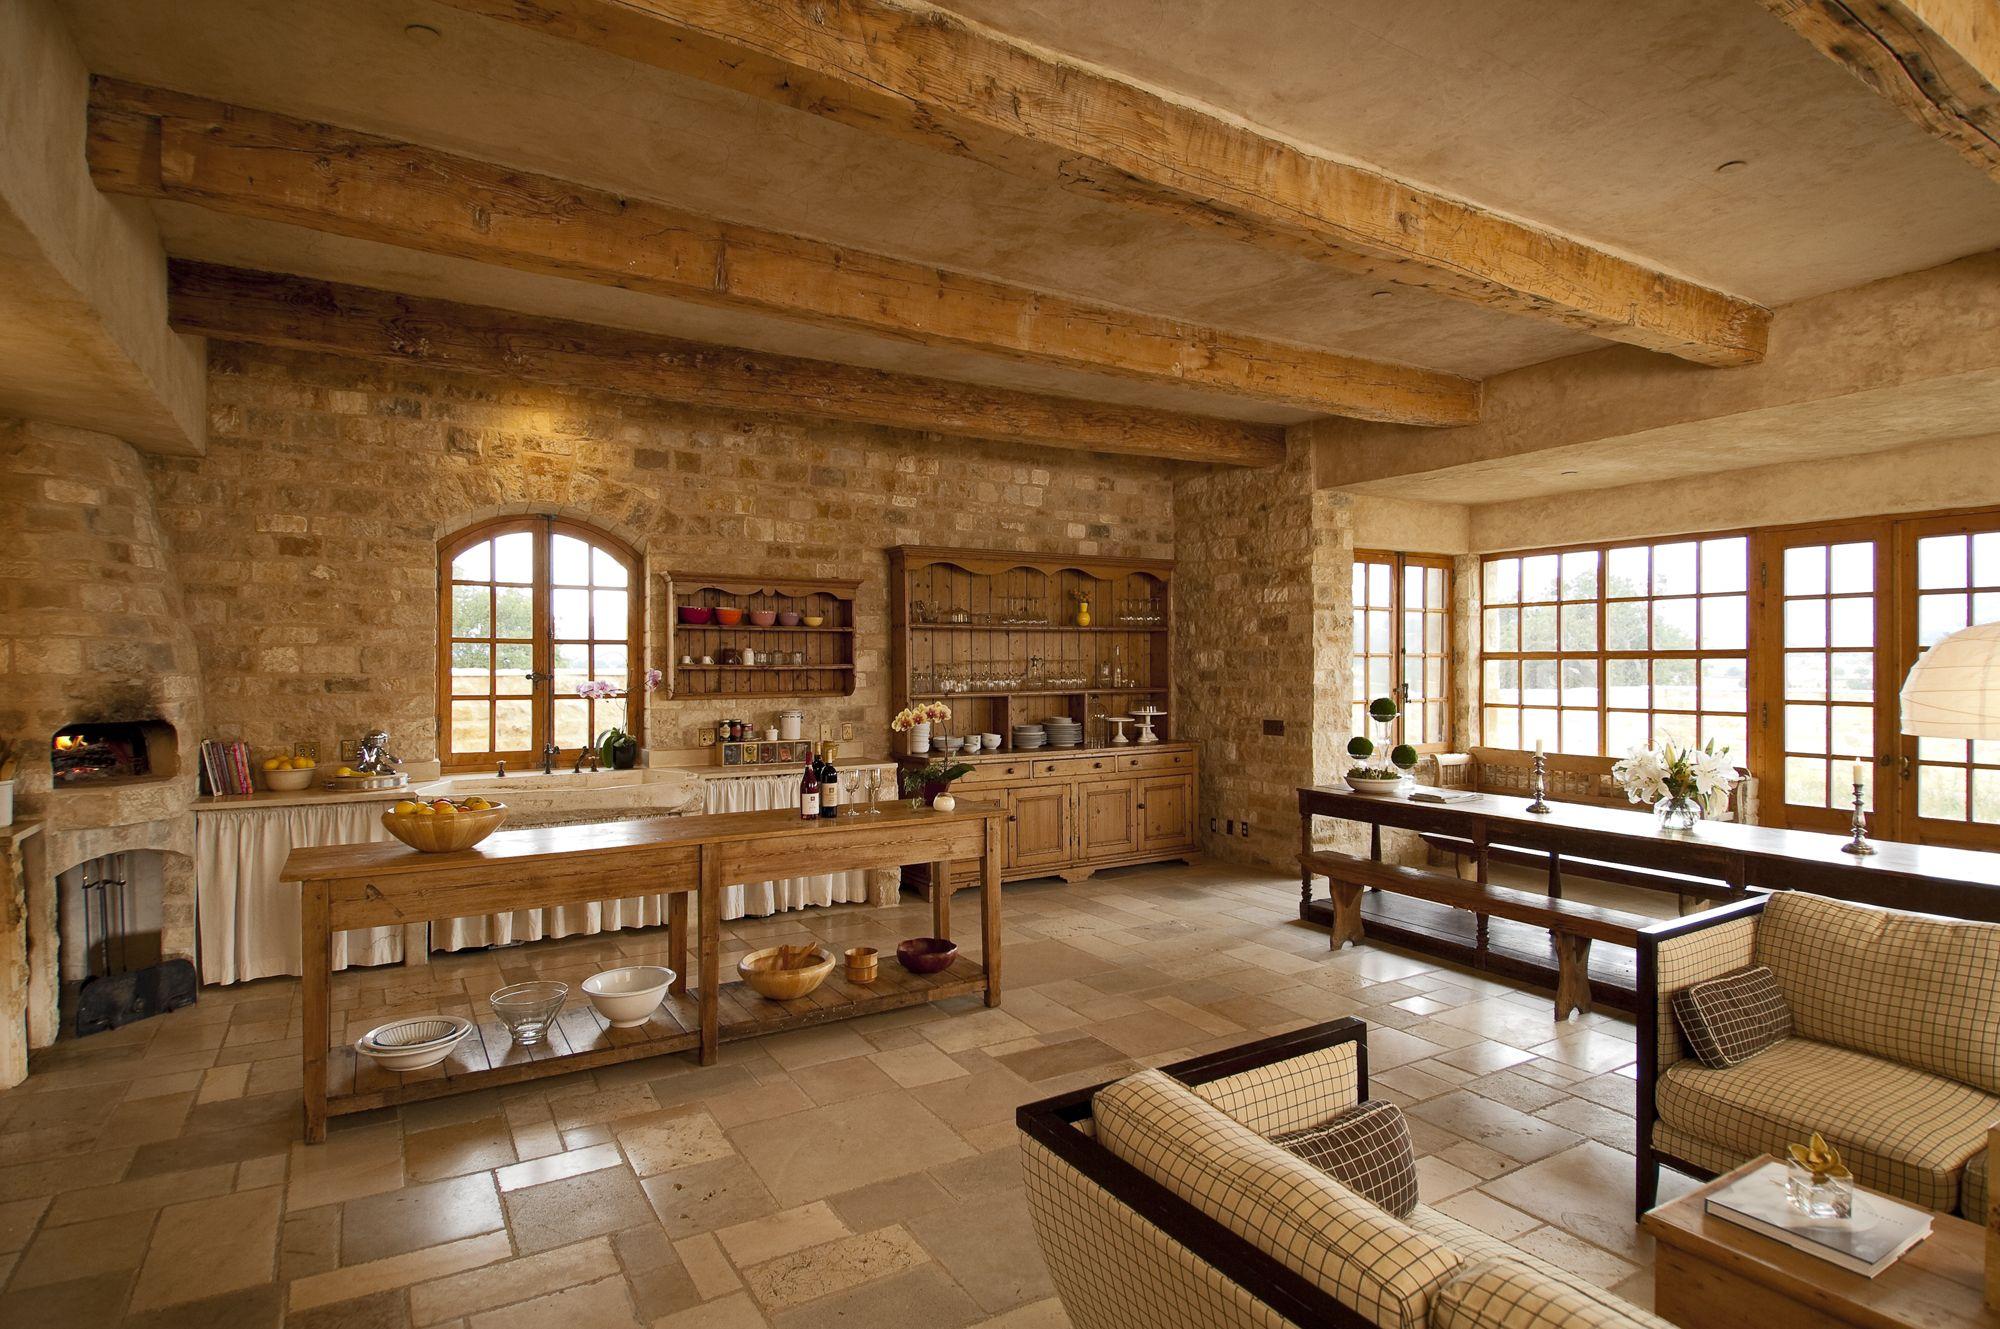 villa packages | sunstone winery - villa kitchen | interiors